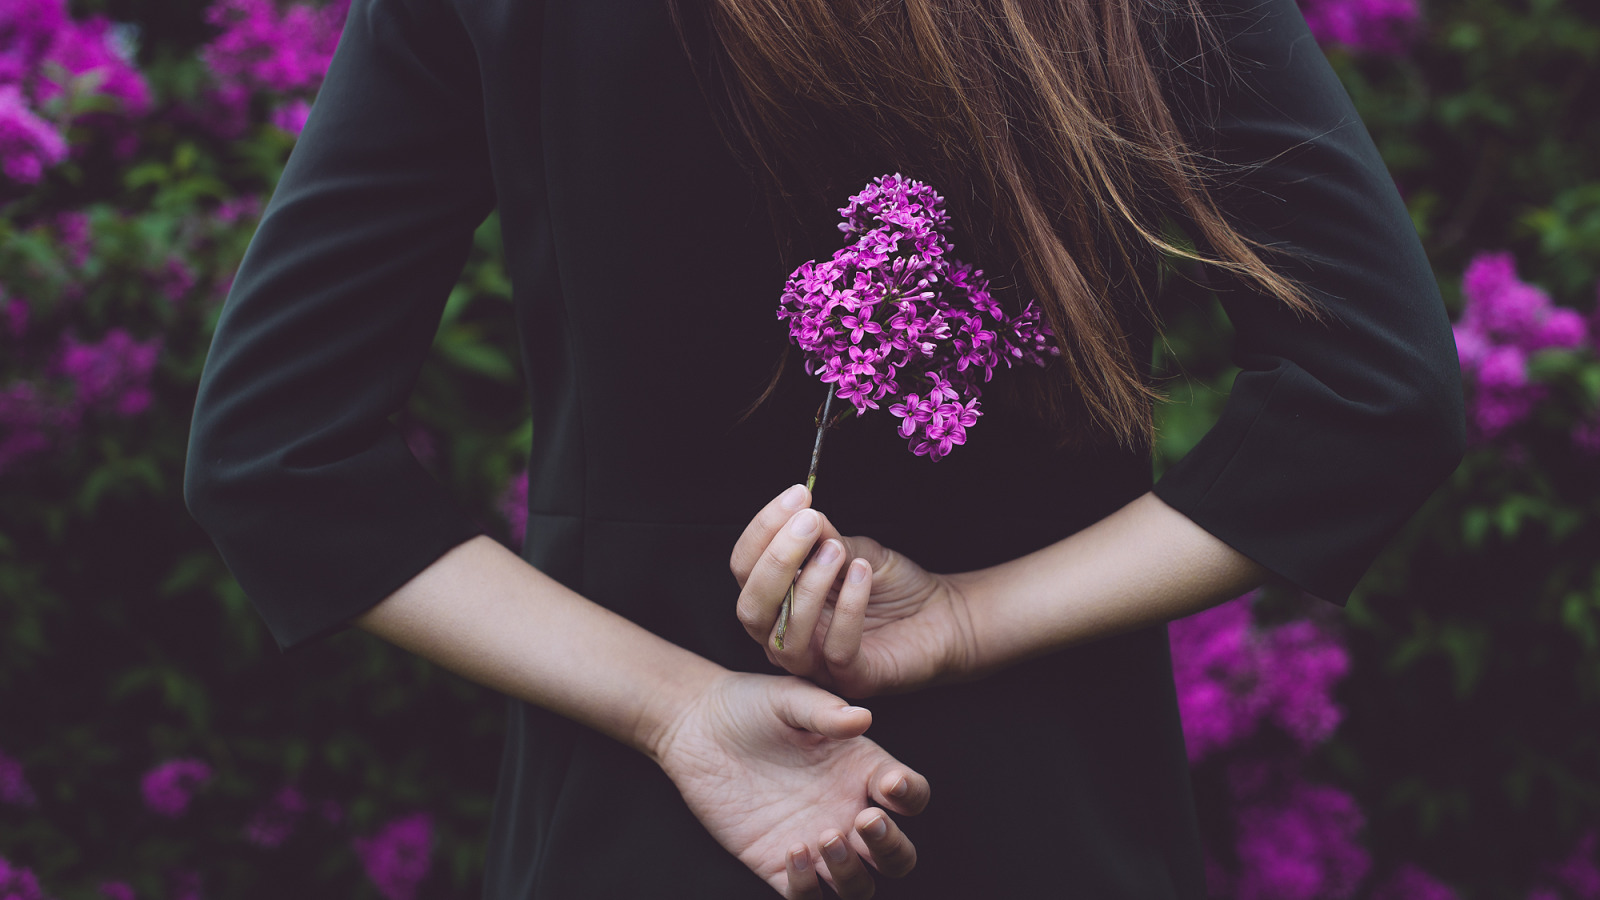 Красивые картинки девушек с цветами в руках без лица, виде банки